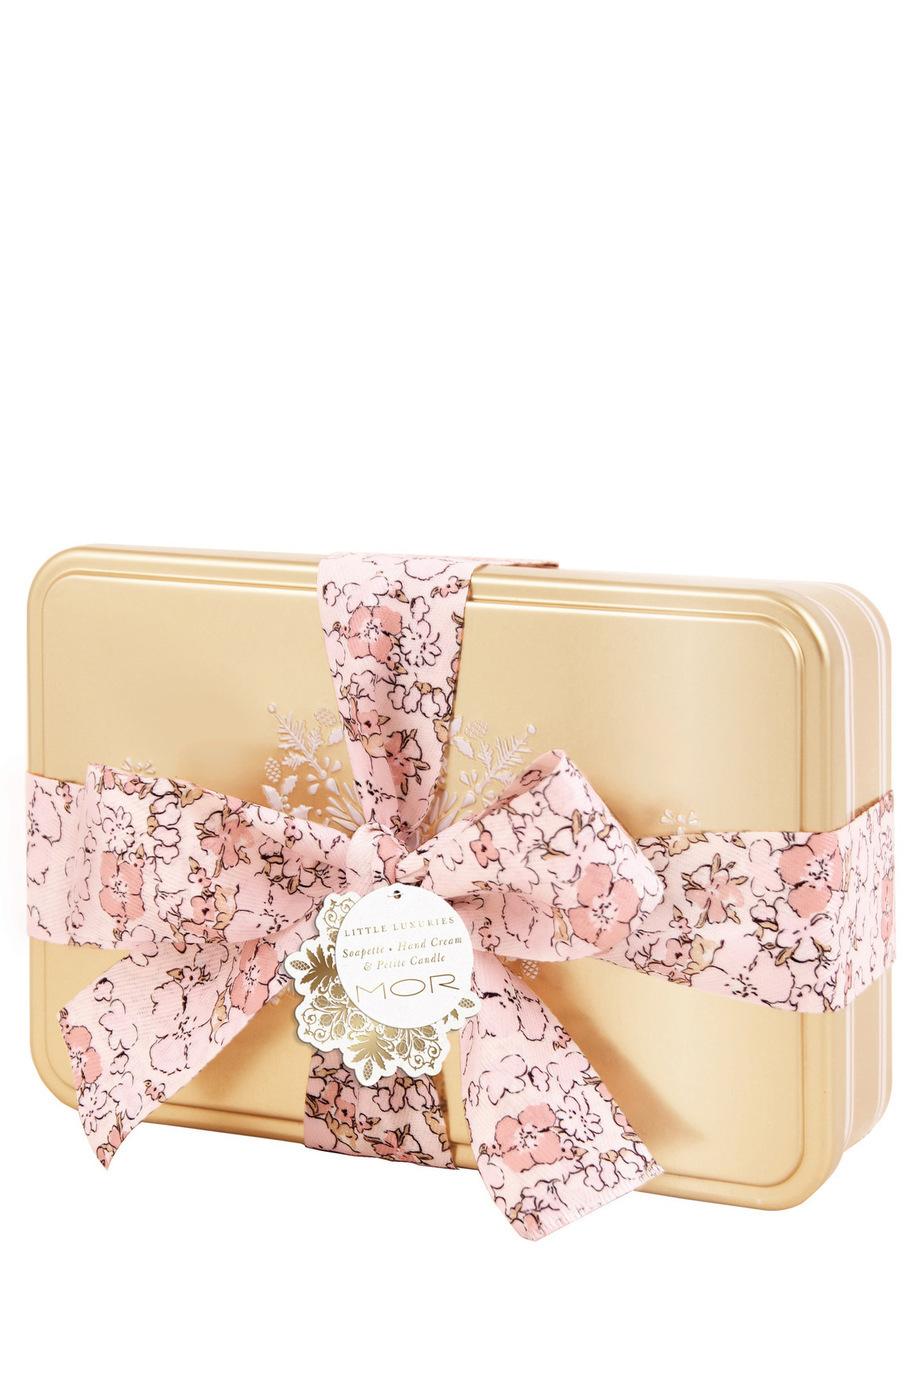 Wedding Gift Ideas Myer : MOR Inspire Marshmallow Trio Set Myer Online